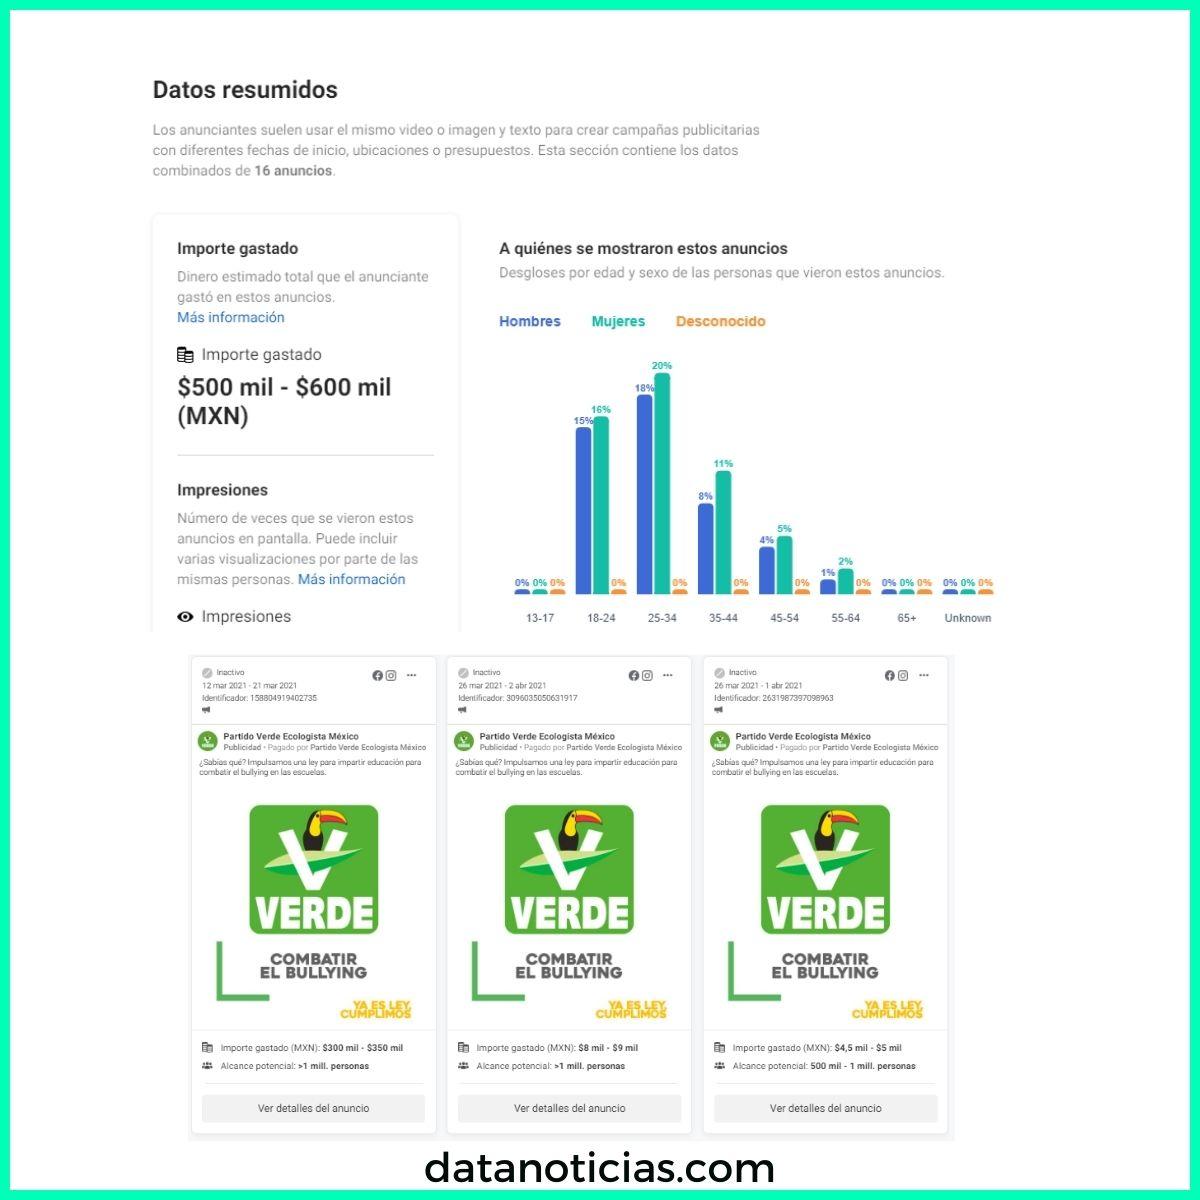 partido verde mexico gasto facebook publicidad